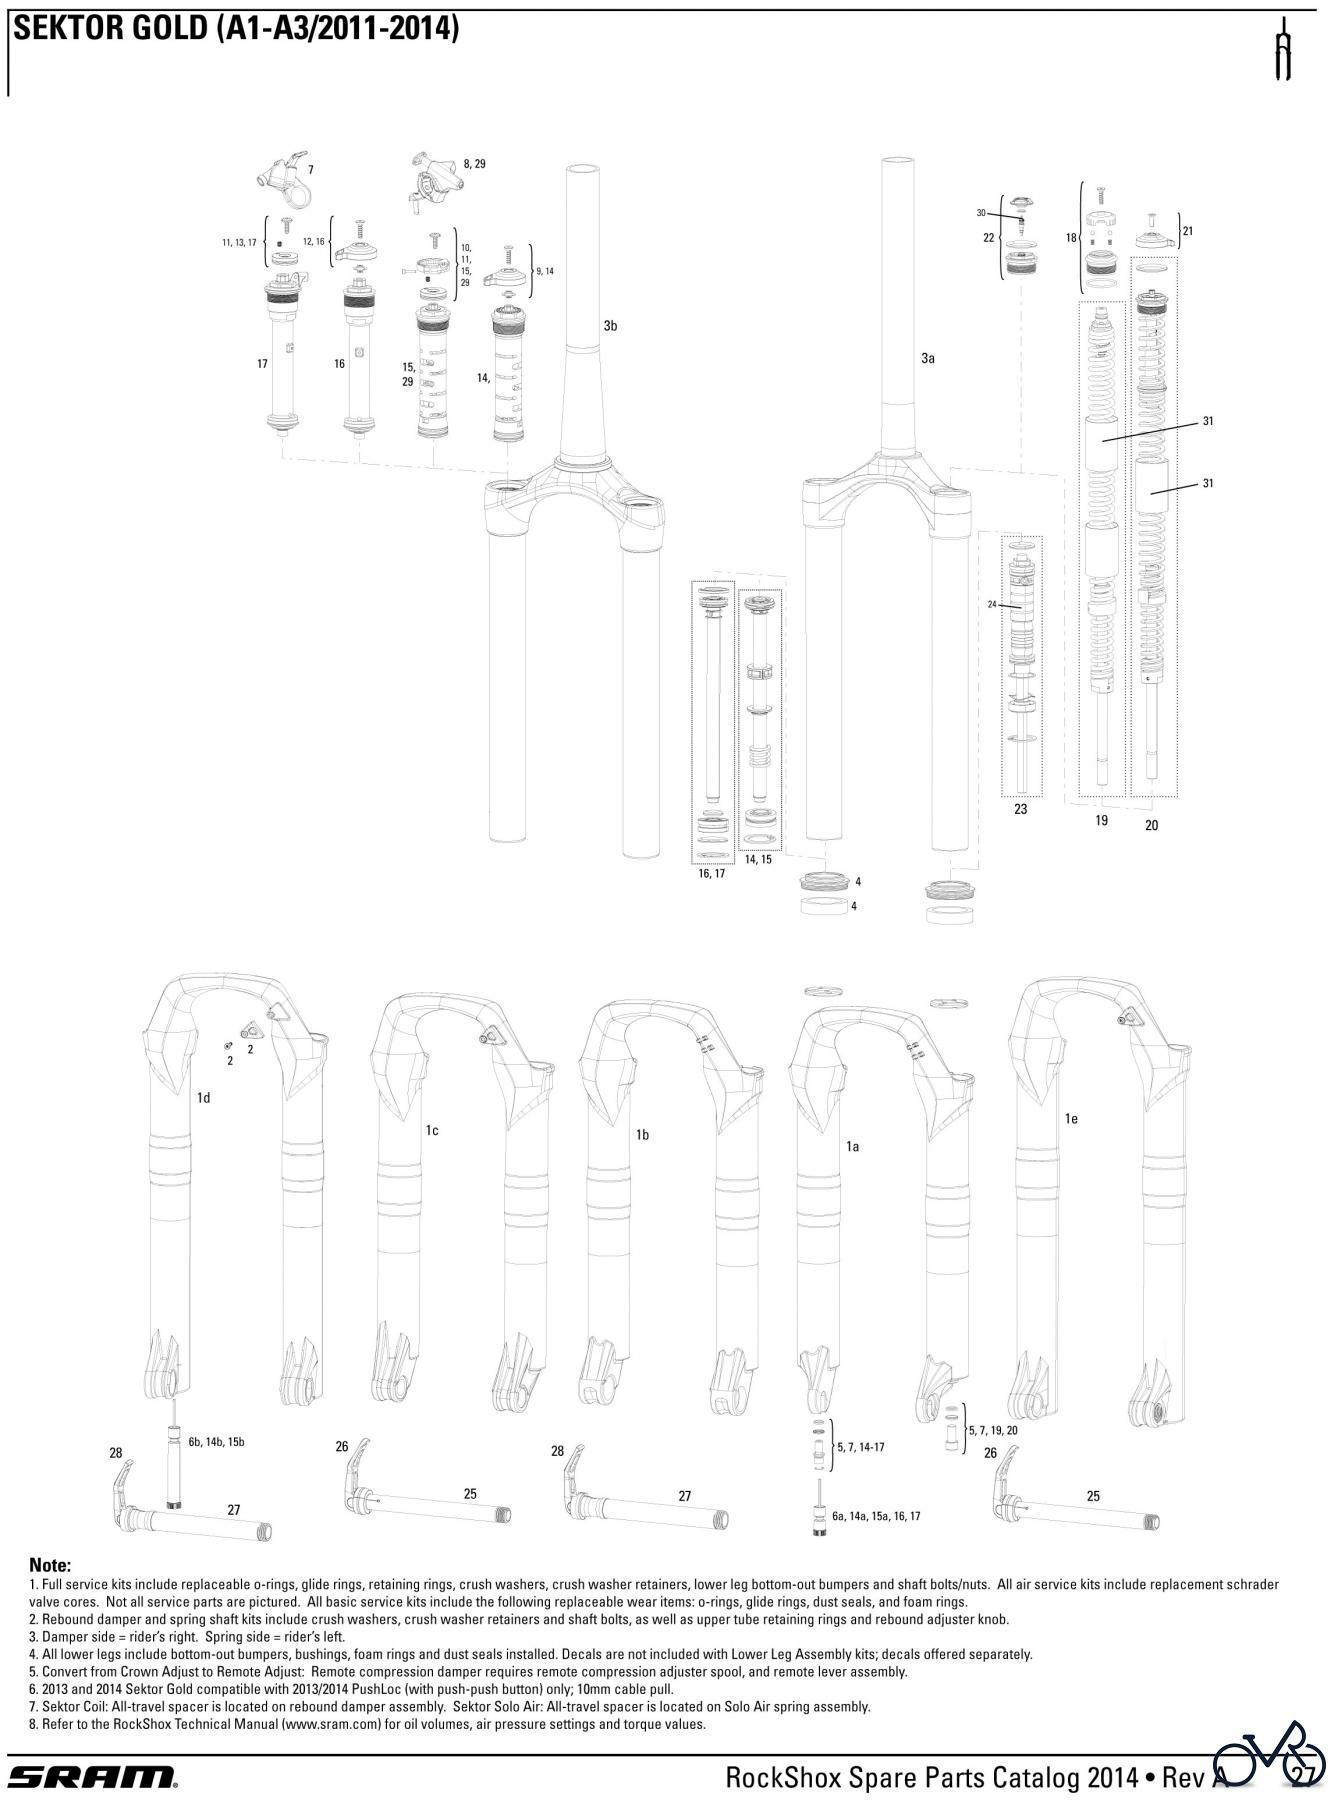 RockShox Crown Adjust TK Damper for 80-150mm travel Sektor Gold//Recon